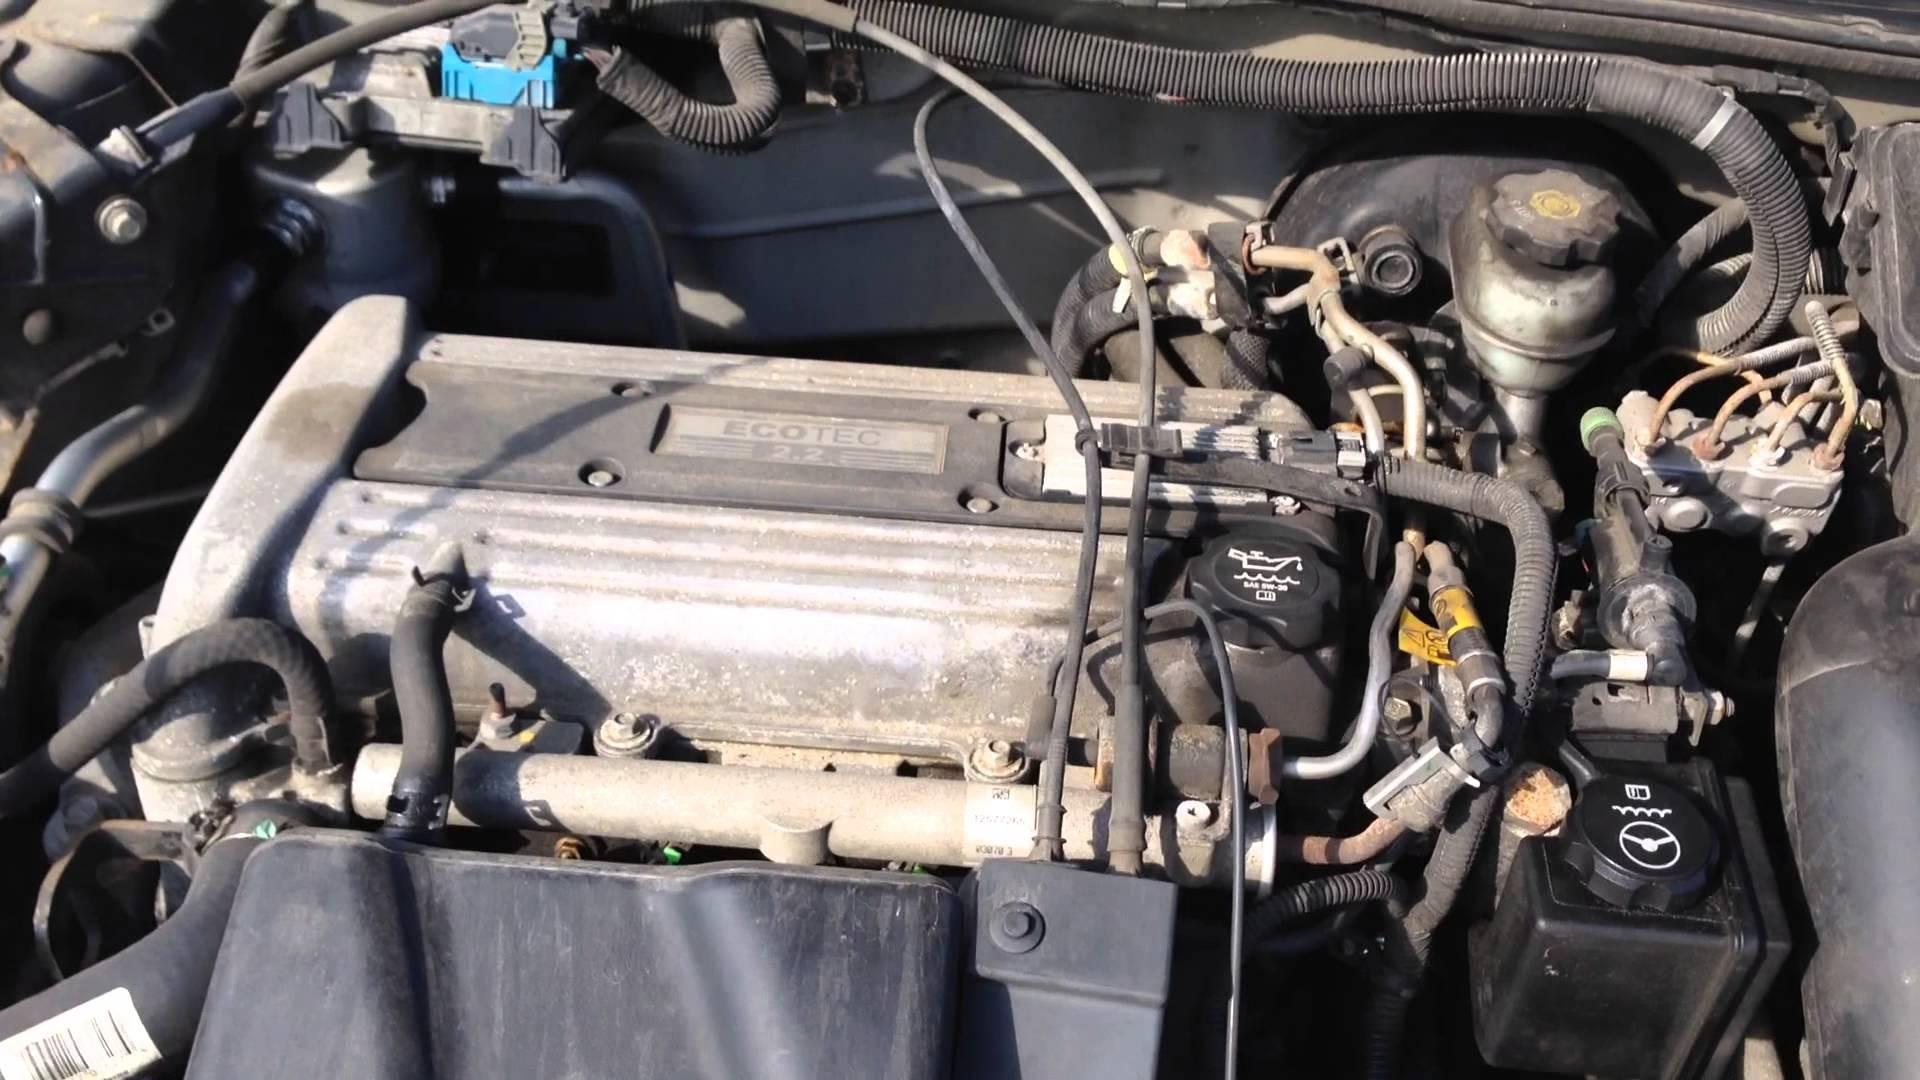 2 2 Ecotec Engine Diagram 2 E3ce229 2003 Chevrolet Cavalier 2 2 Ecotec Engine Test Of 2 2 Ecotec Engine Diagram 2